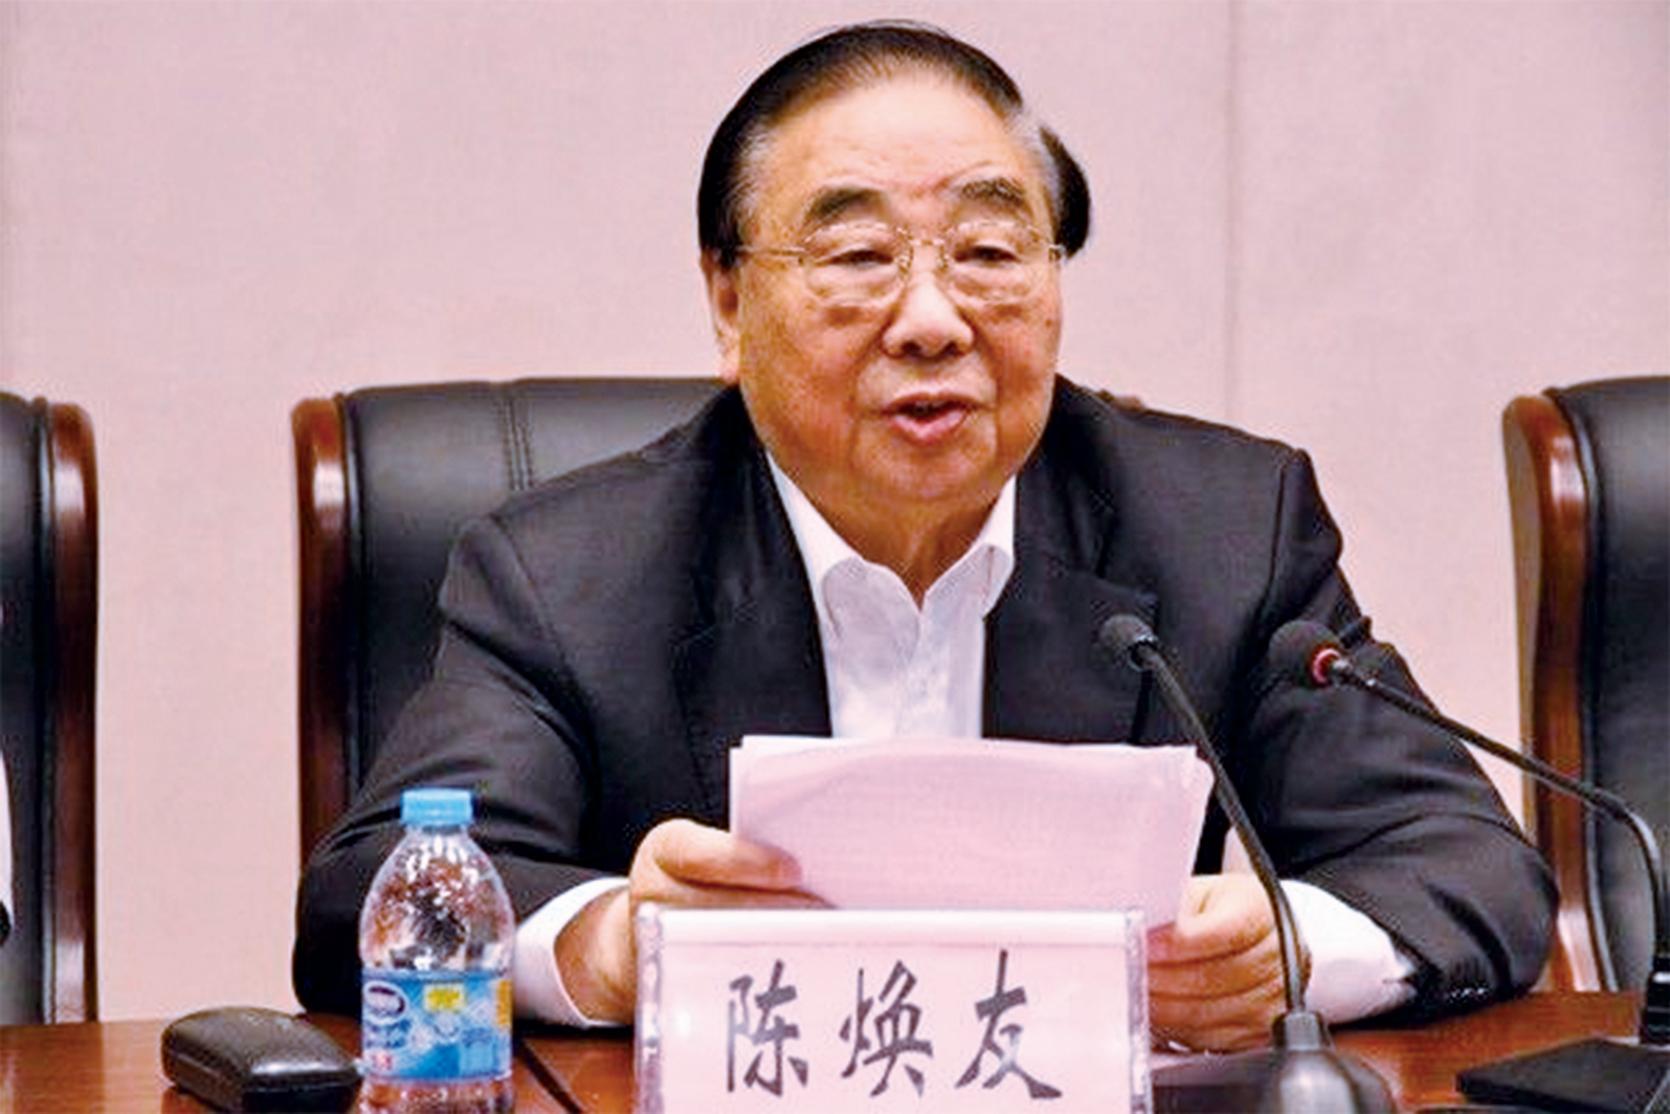 原江蘇省委書記陳煥友因修煉、支持法輪功遭免職。(網絡圖片)